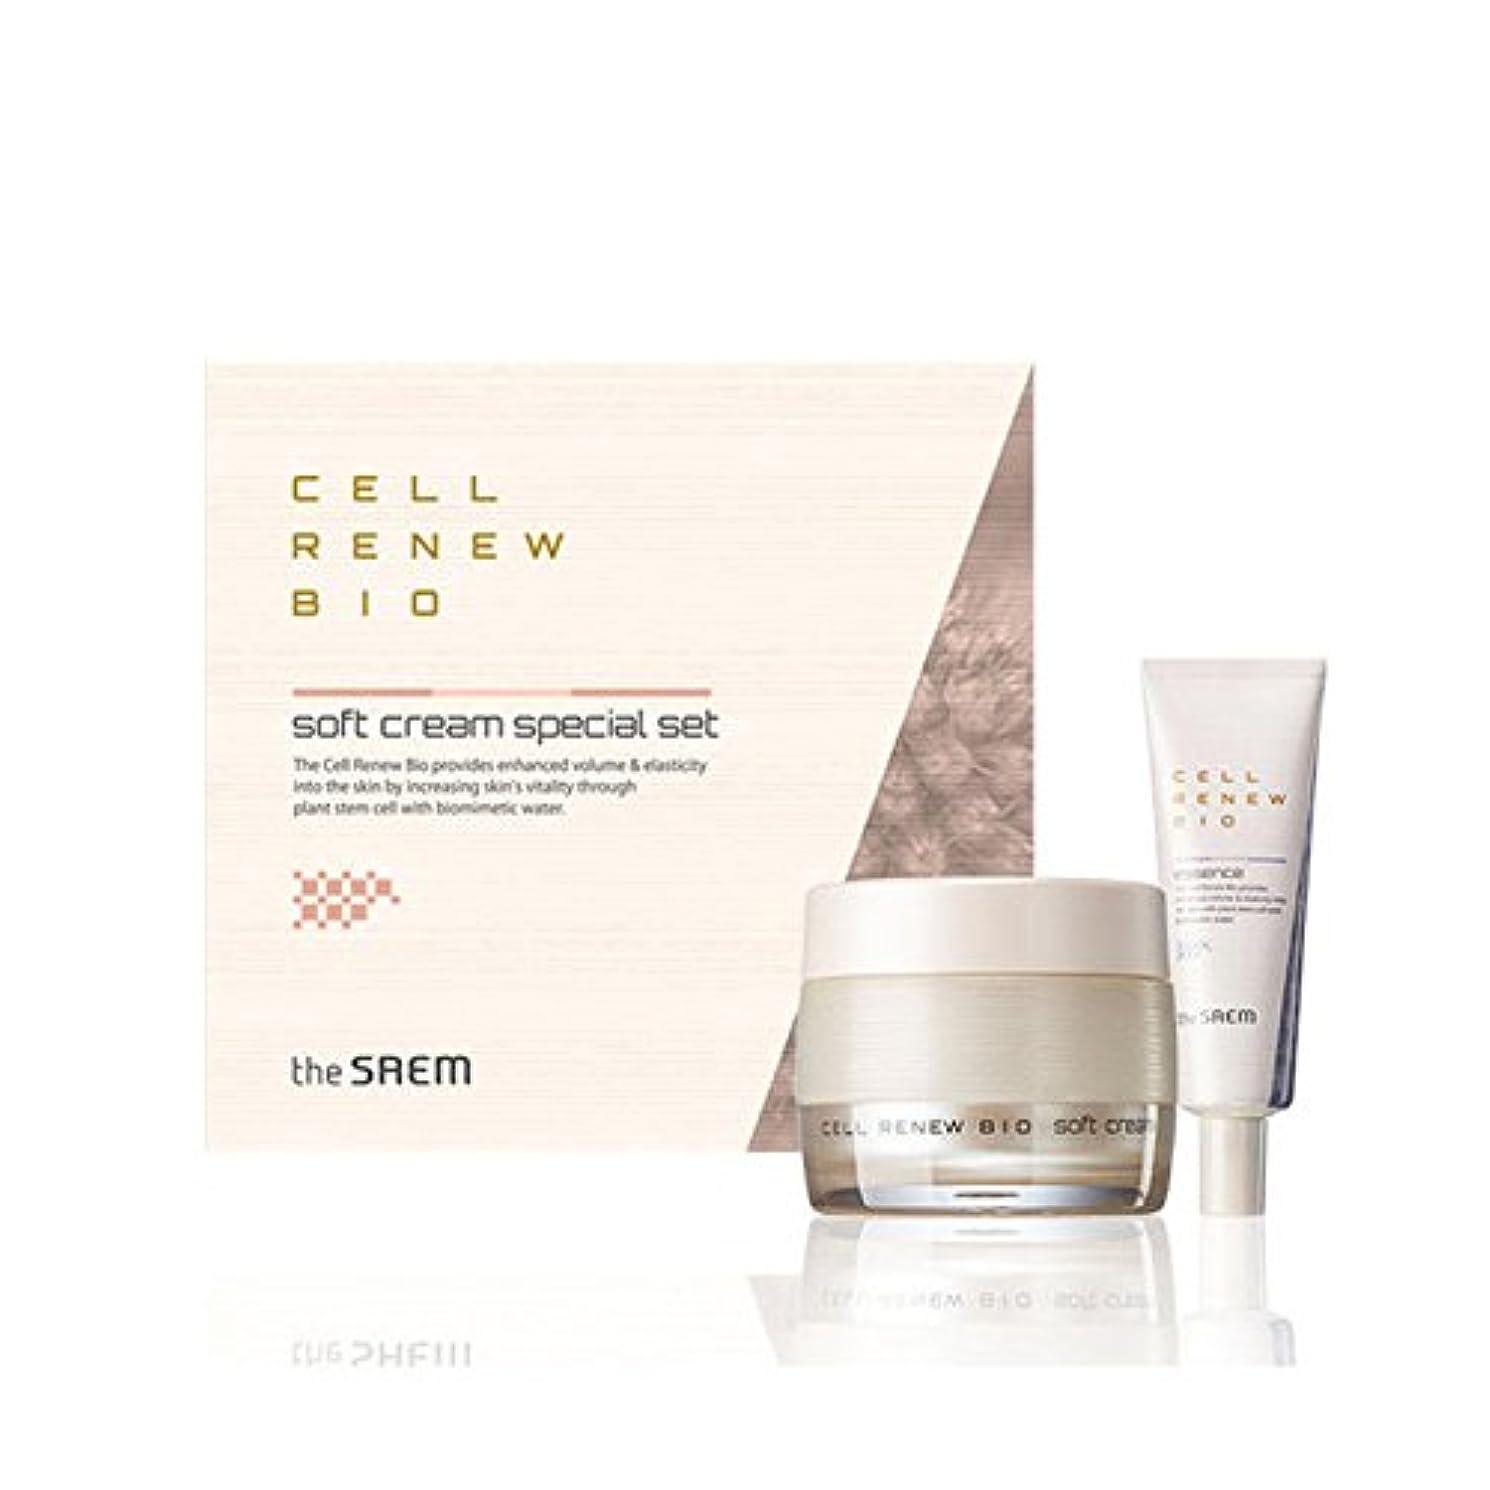 [ザセム] The Saem セルリニュー バイオ クリーム スペシャルセット Cell Renew Bio Cream Special Set (海外直送品) [並行輸入品]